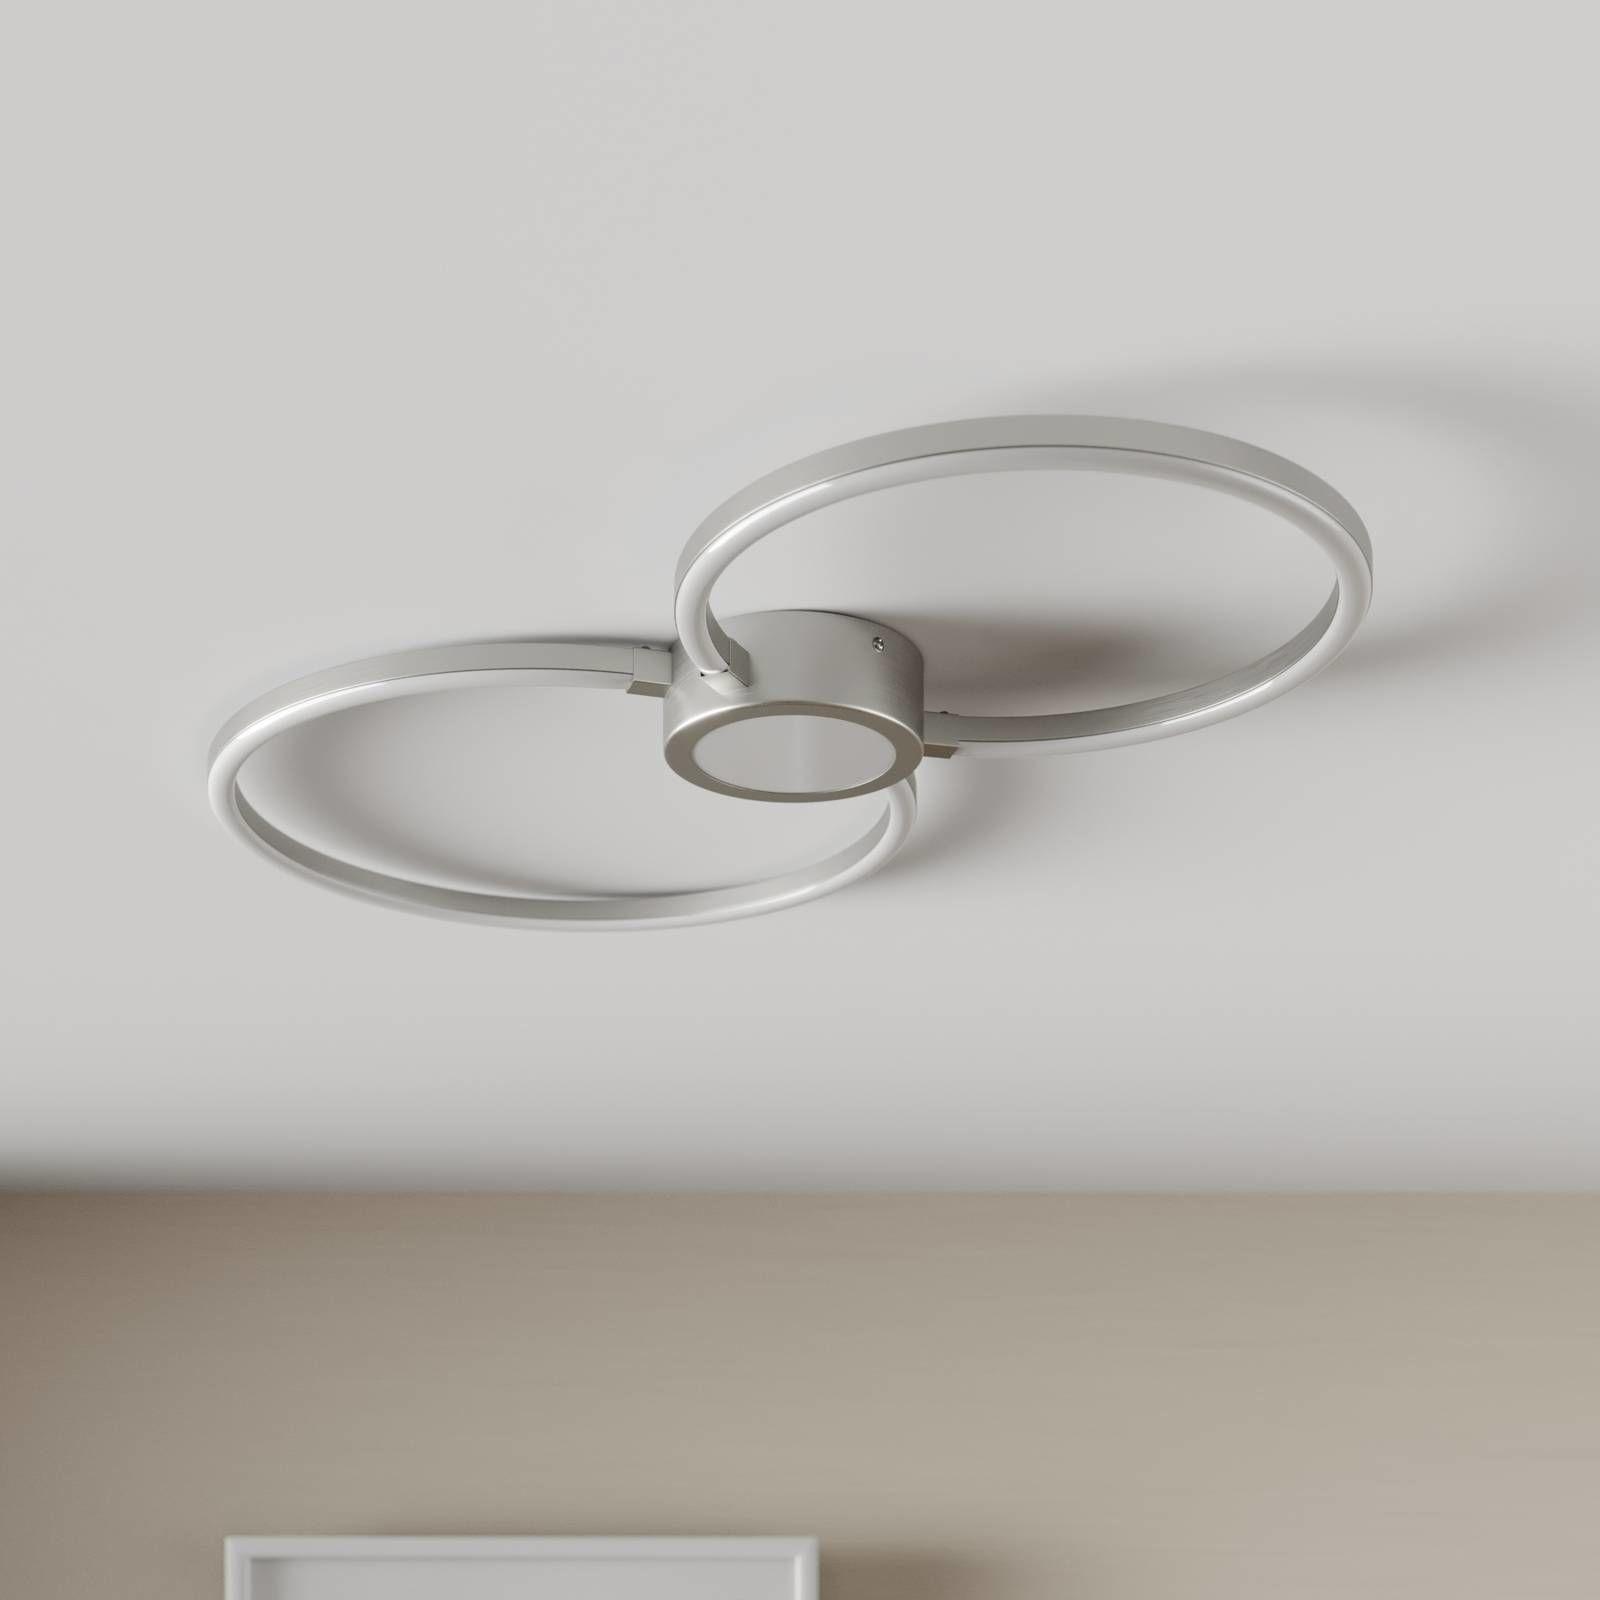 Lampa sufitowa LED Duetto, okręgi